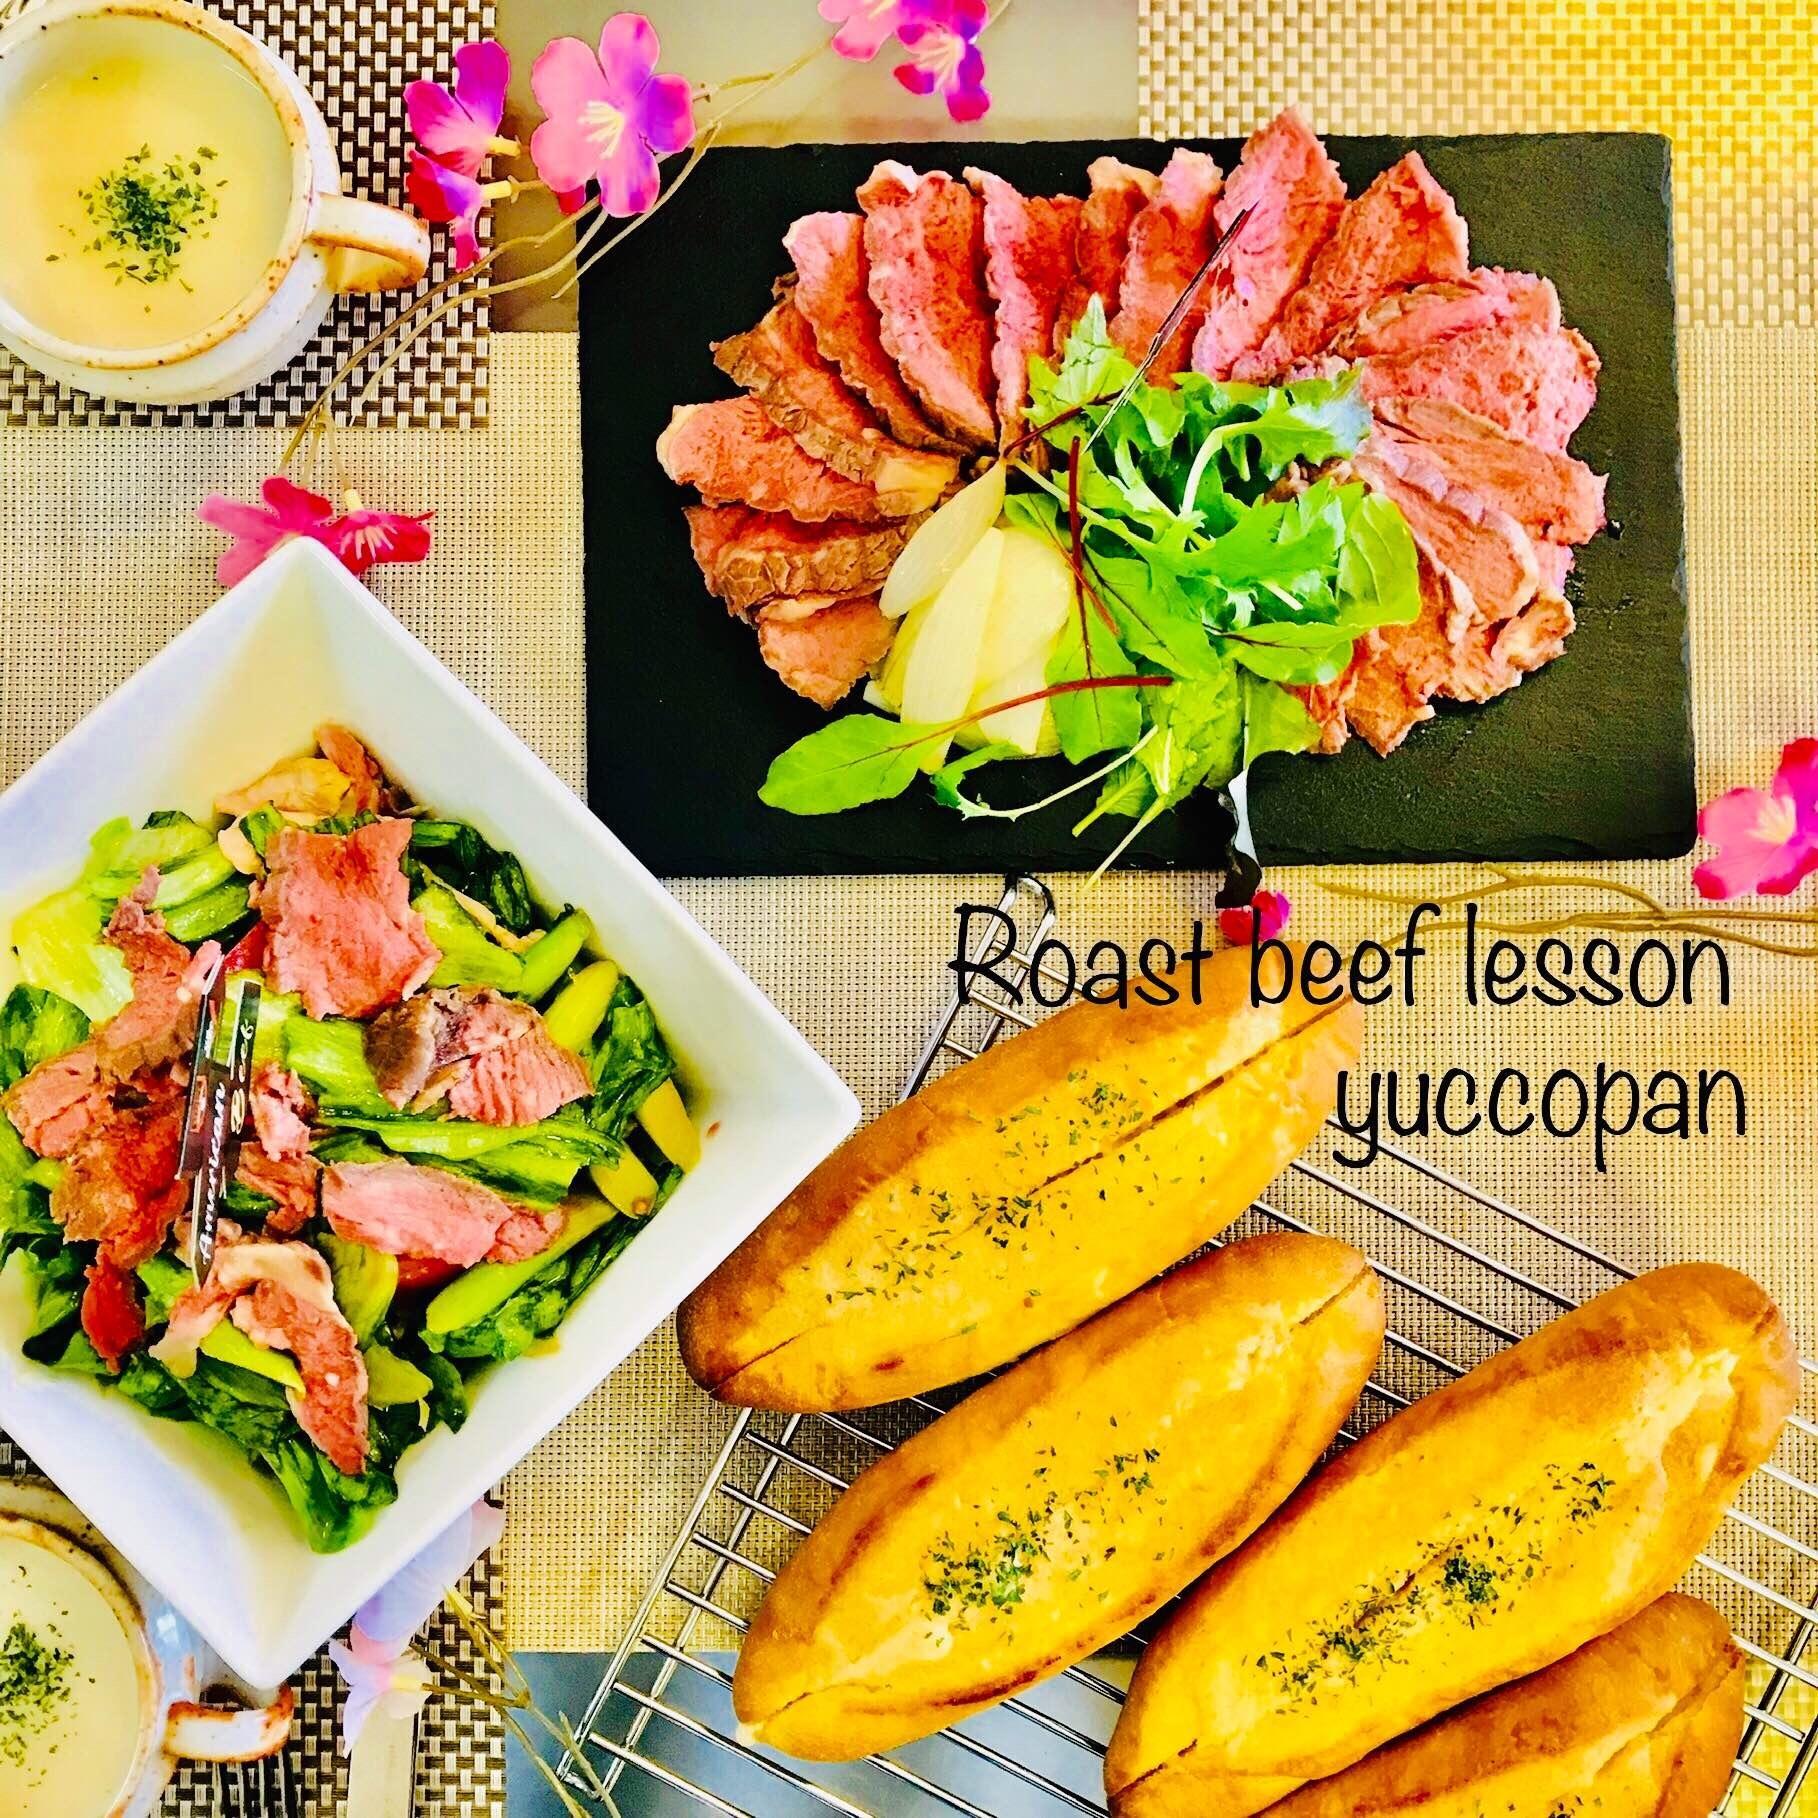 パン教室 yuccopan